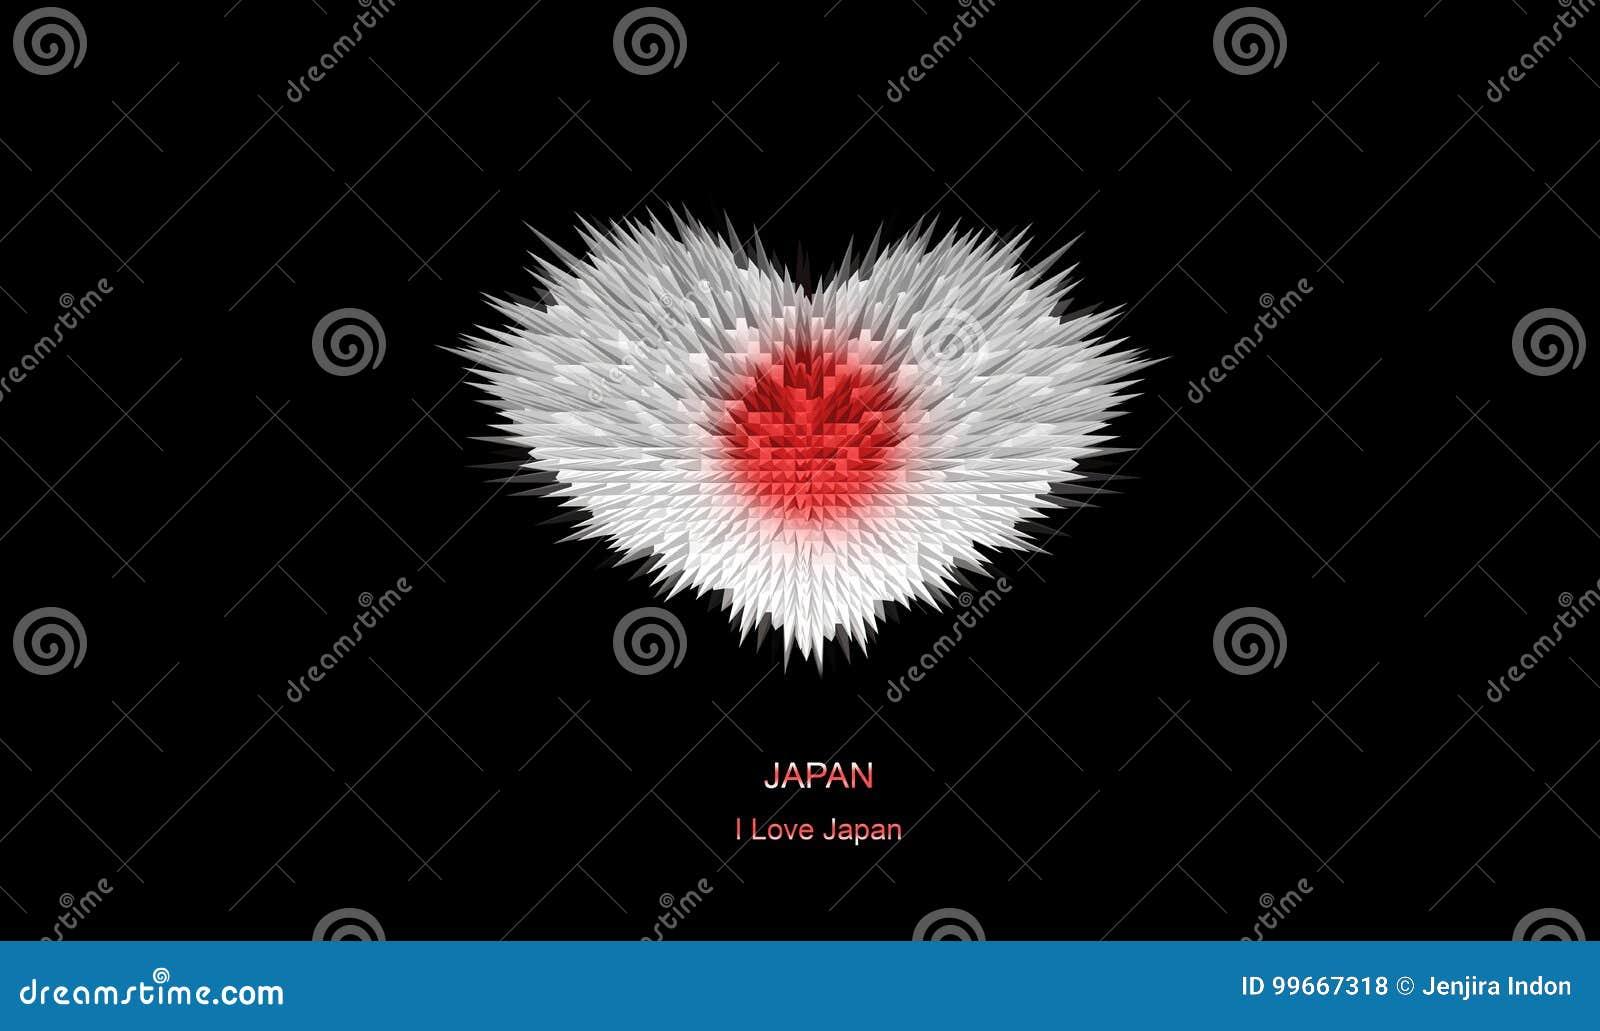 Das Herz von Japan-Flagge stock abbildung. Illustration von fall ...